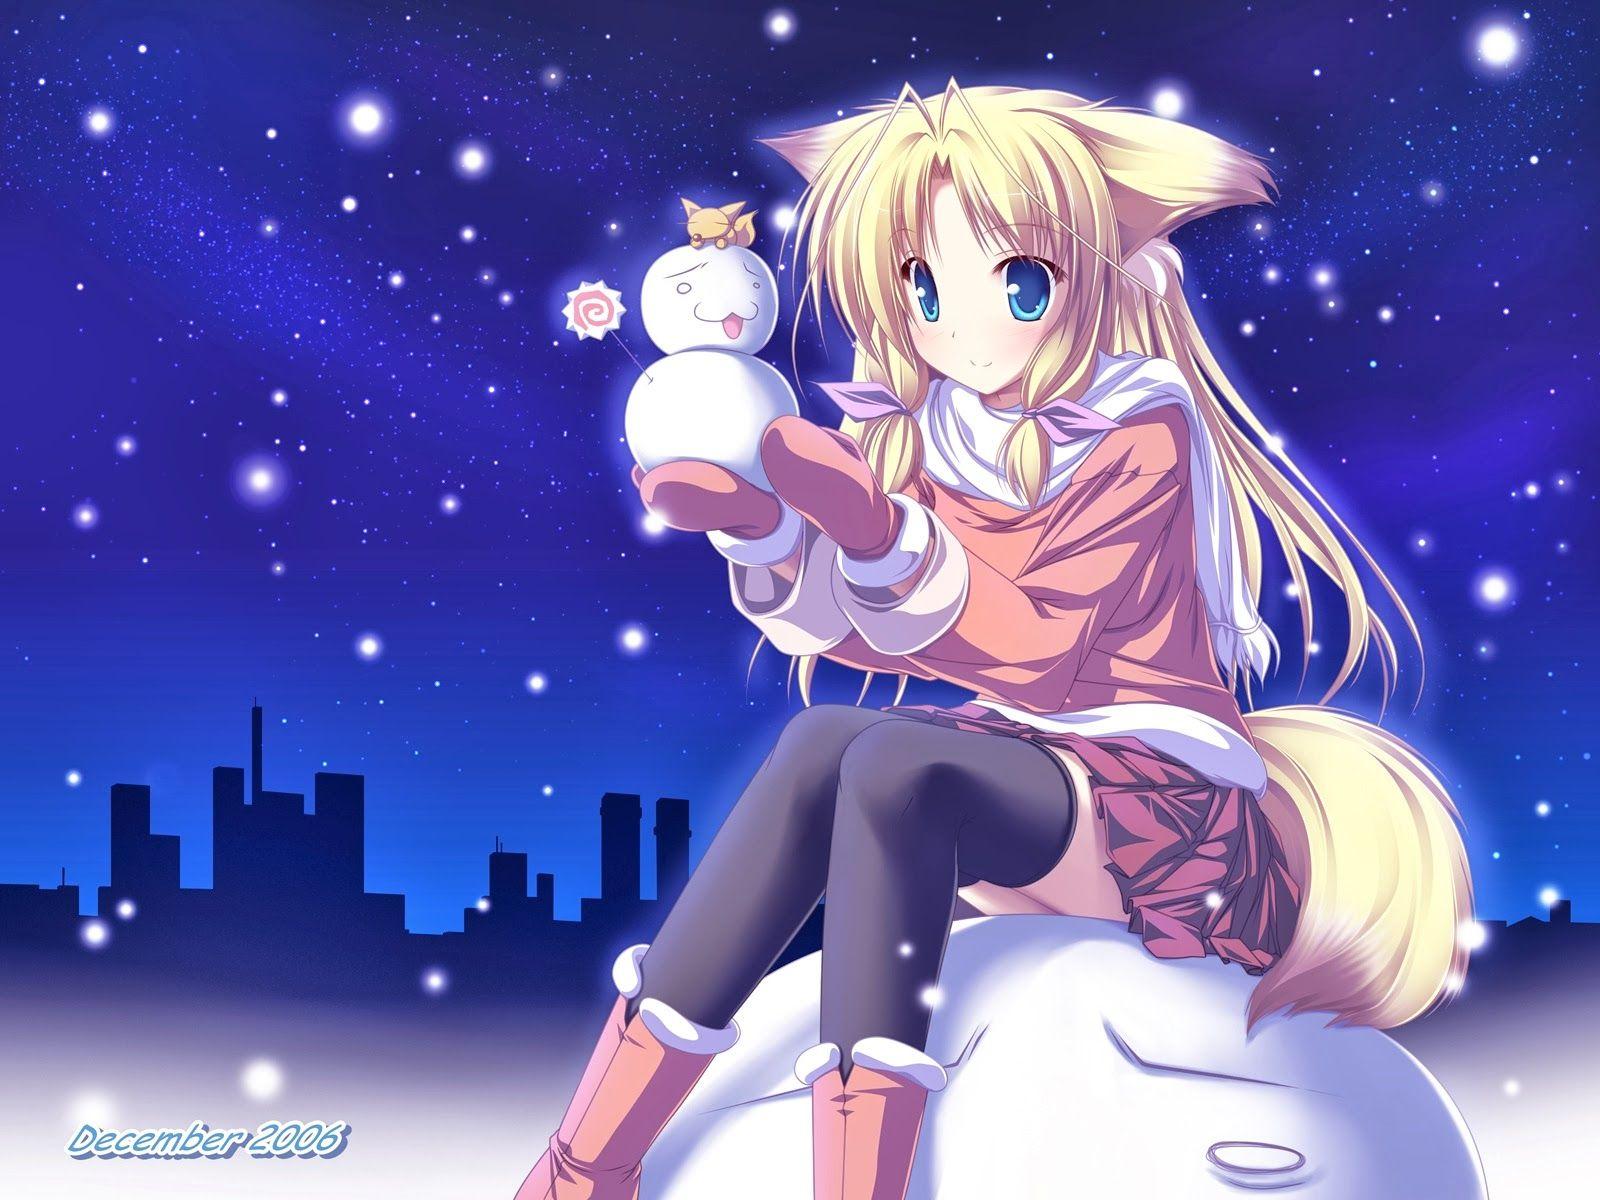 mundo anime Chica anime kawaii, Anime kawaii, Chicas anime